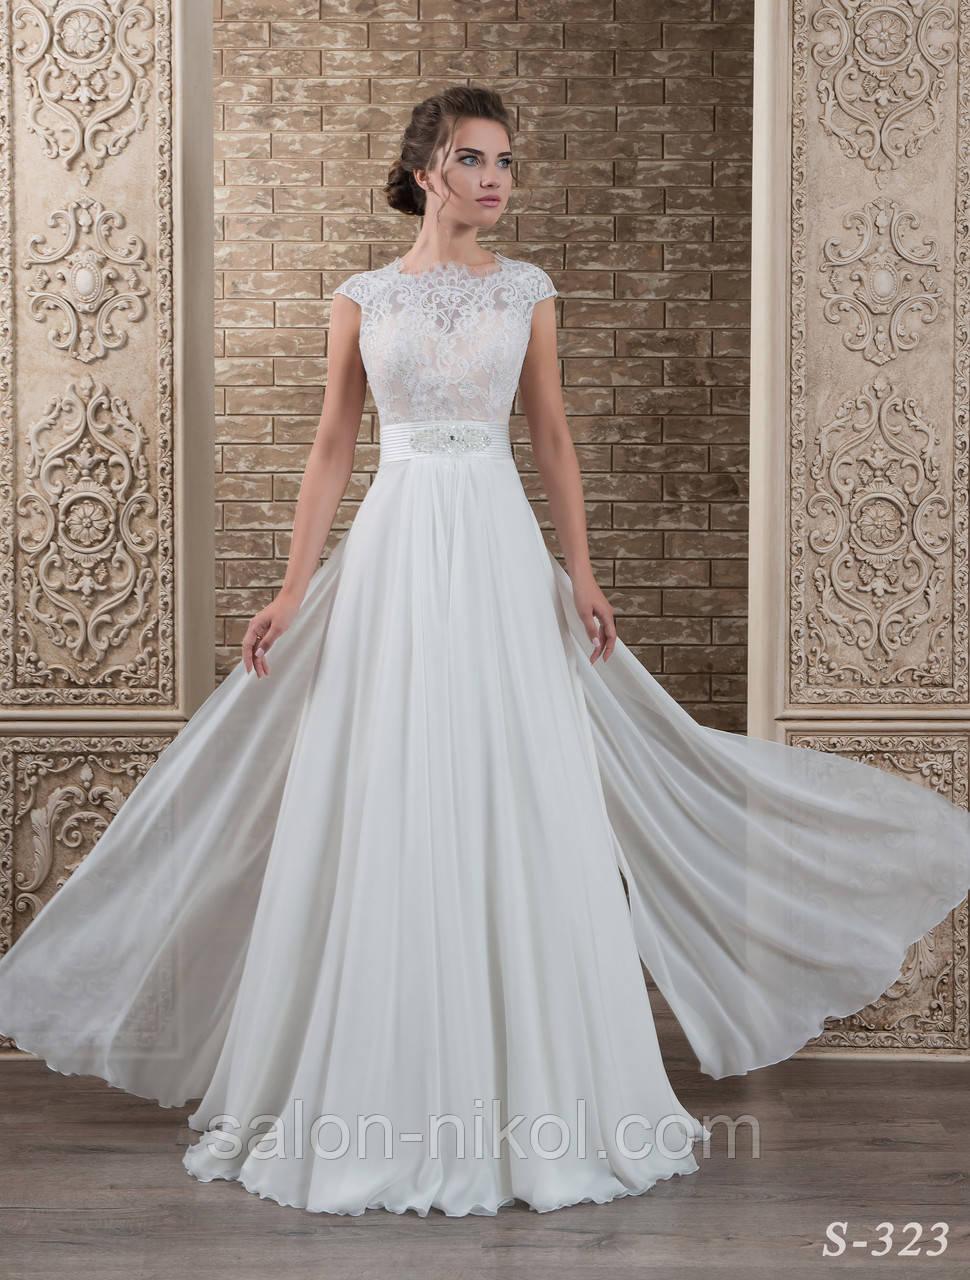 Свадебные платья в чернигове на рынке